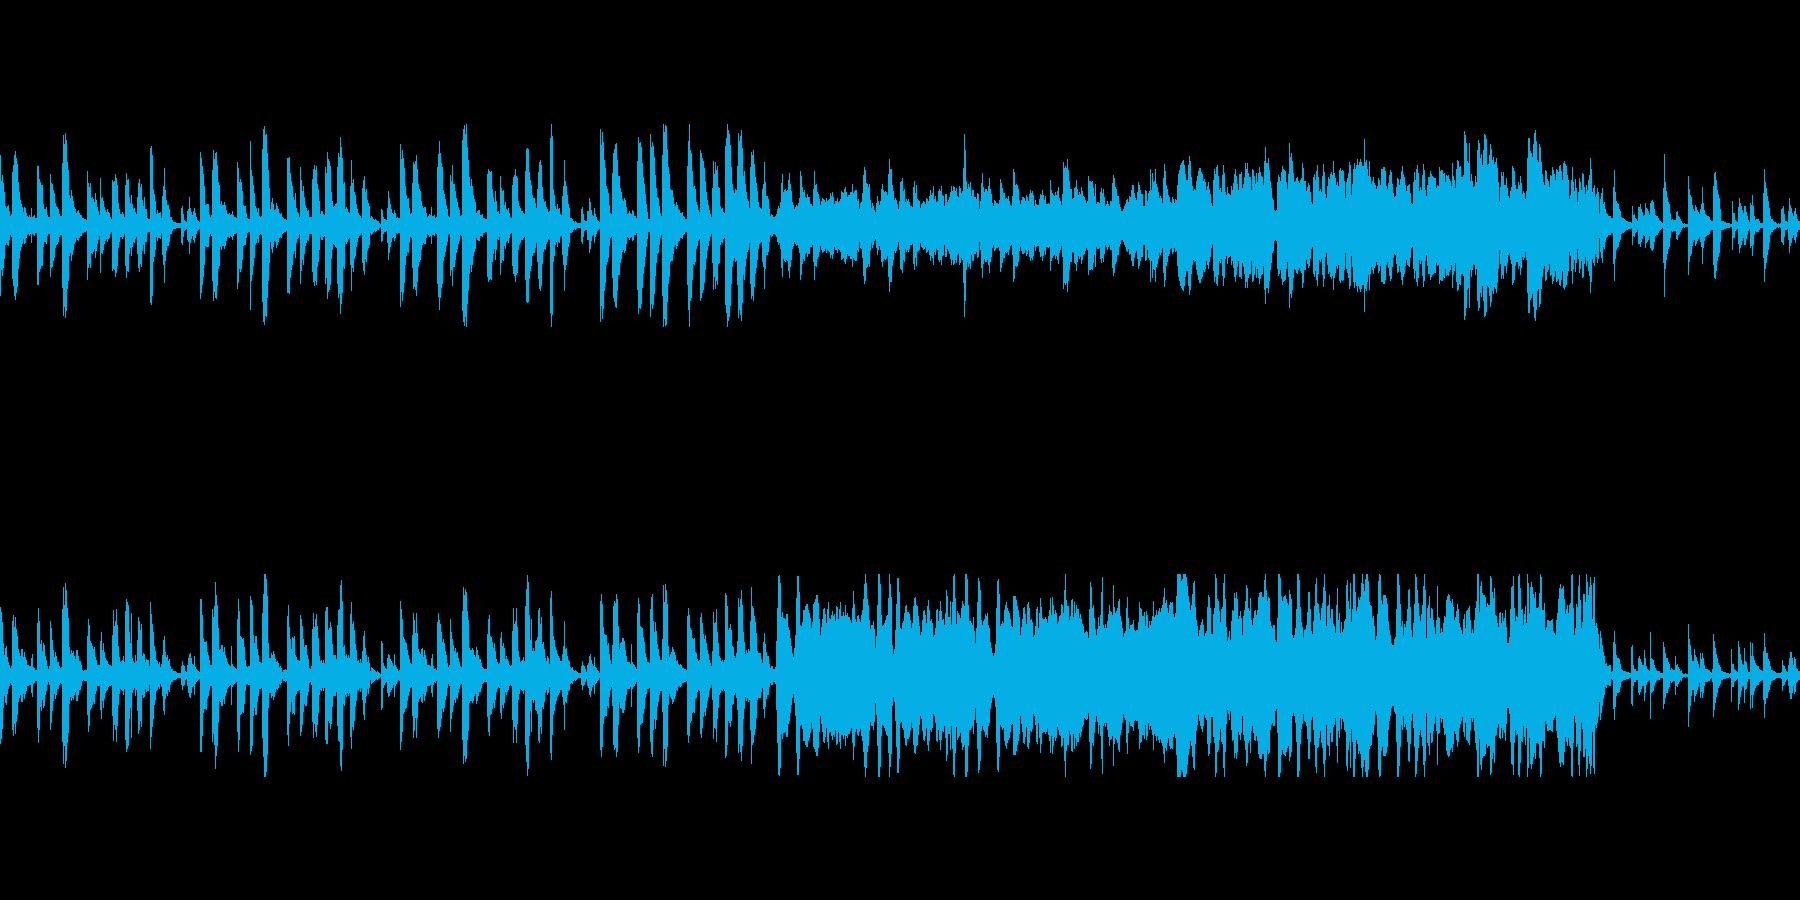 ほのぼのした残念系リザルト曲の再生済みの波形